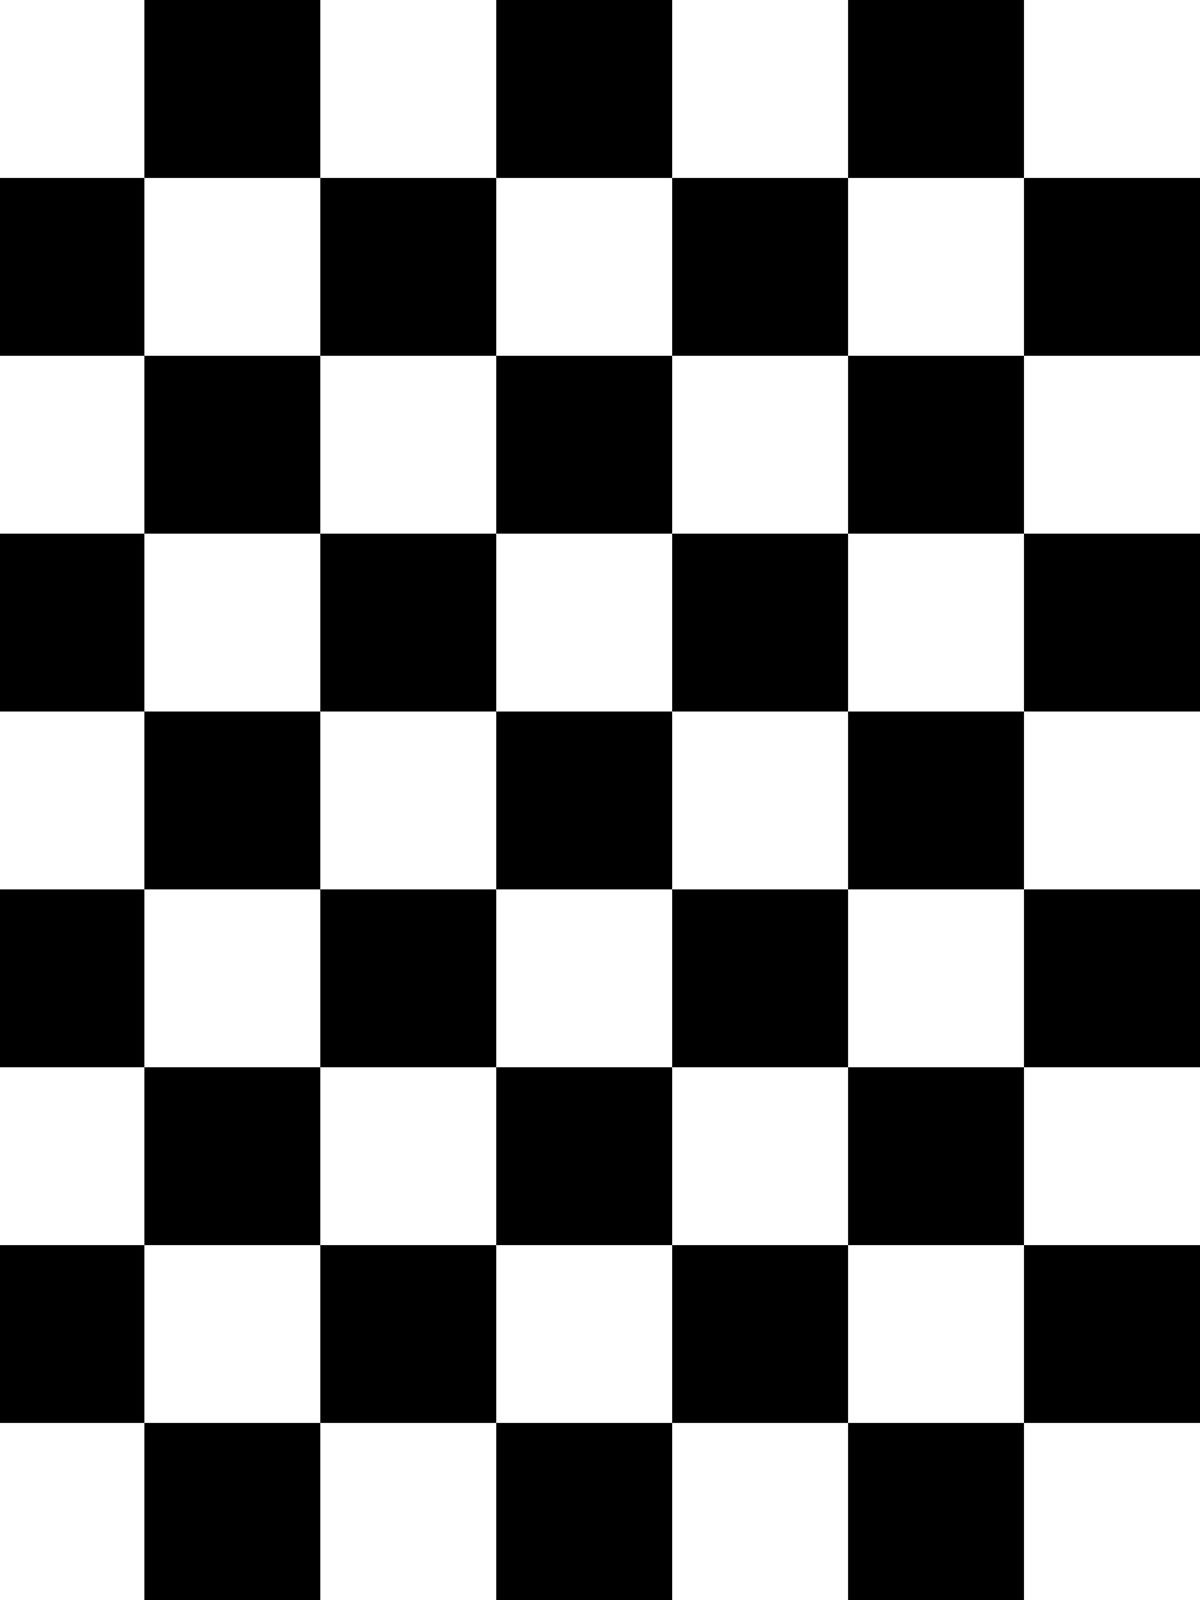 Checkers 820 Black And White Fabric Checker Wallpaper Black